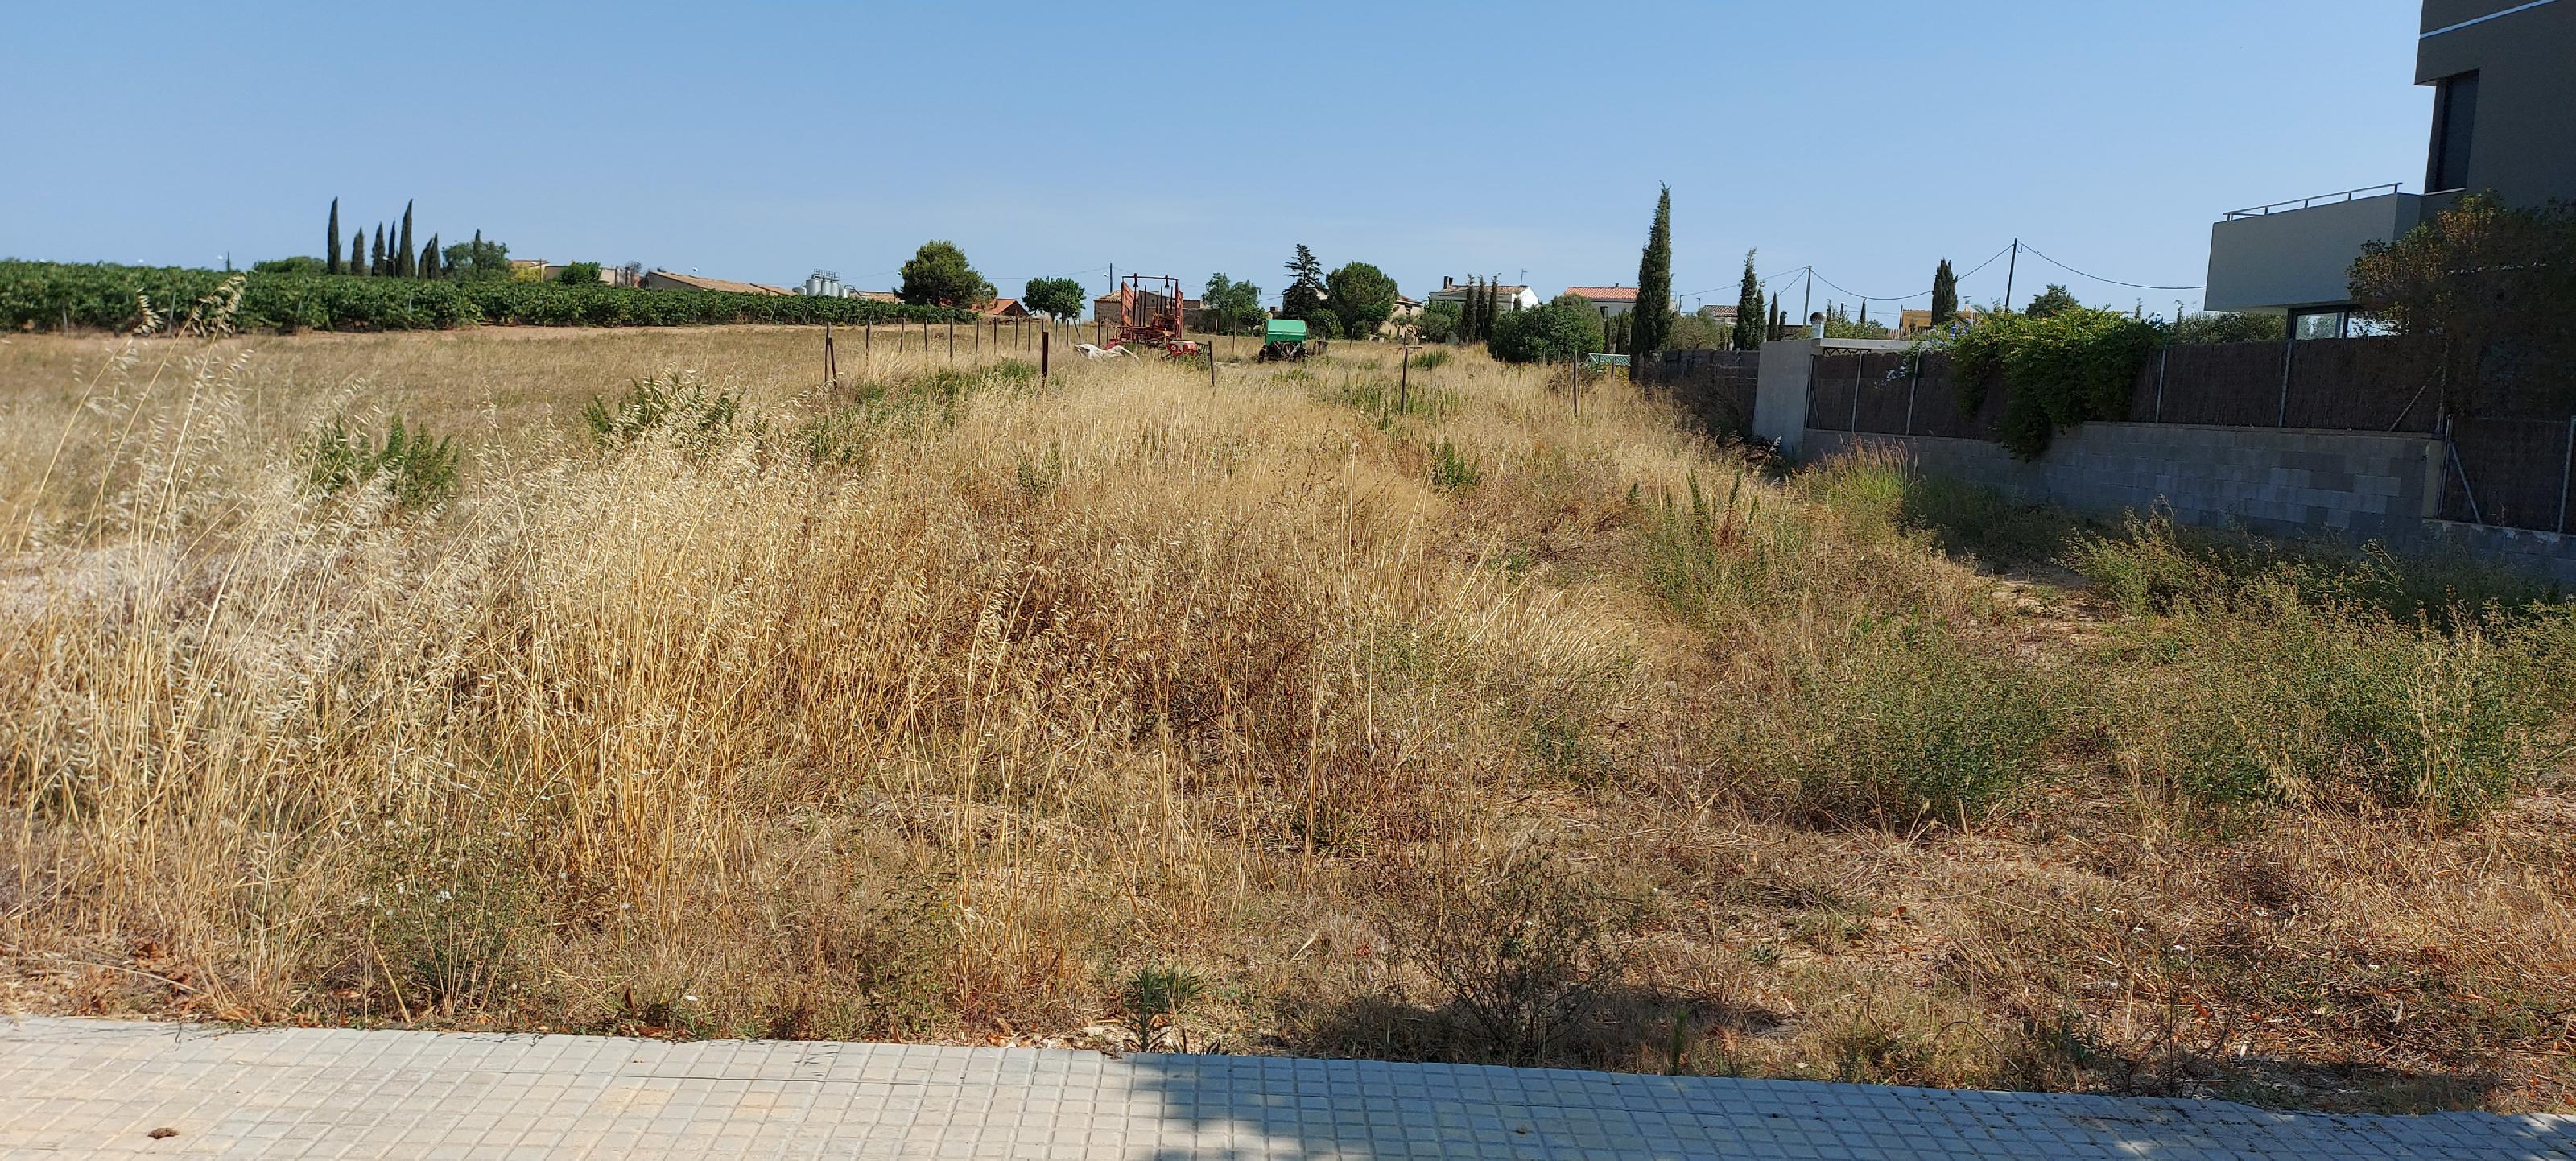 Imagen 3 Solar Urbano en venta en Sant Cugat Sesgarrigues / Sant Cugat Sesgarrigues